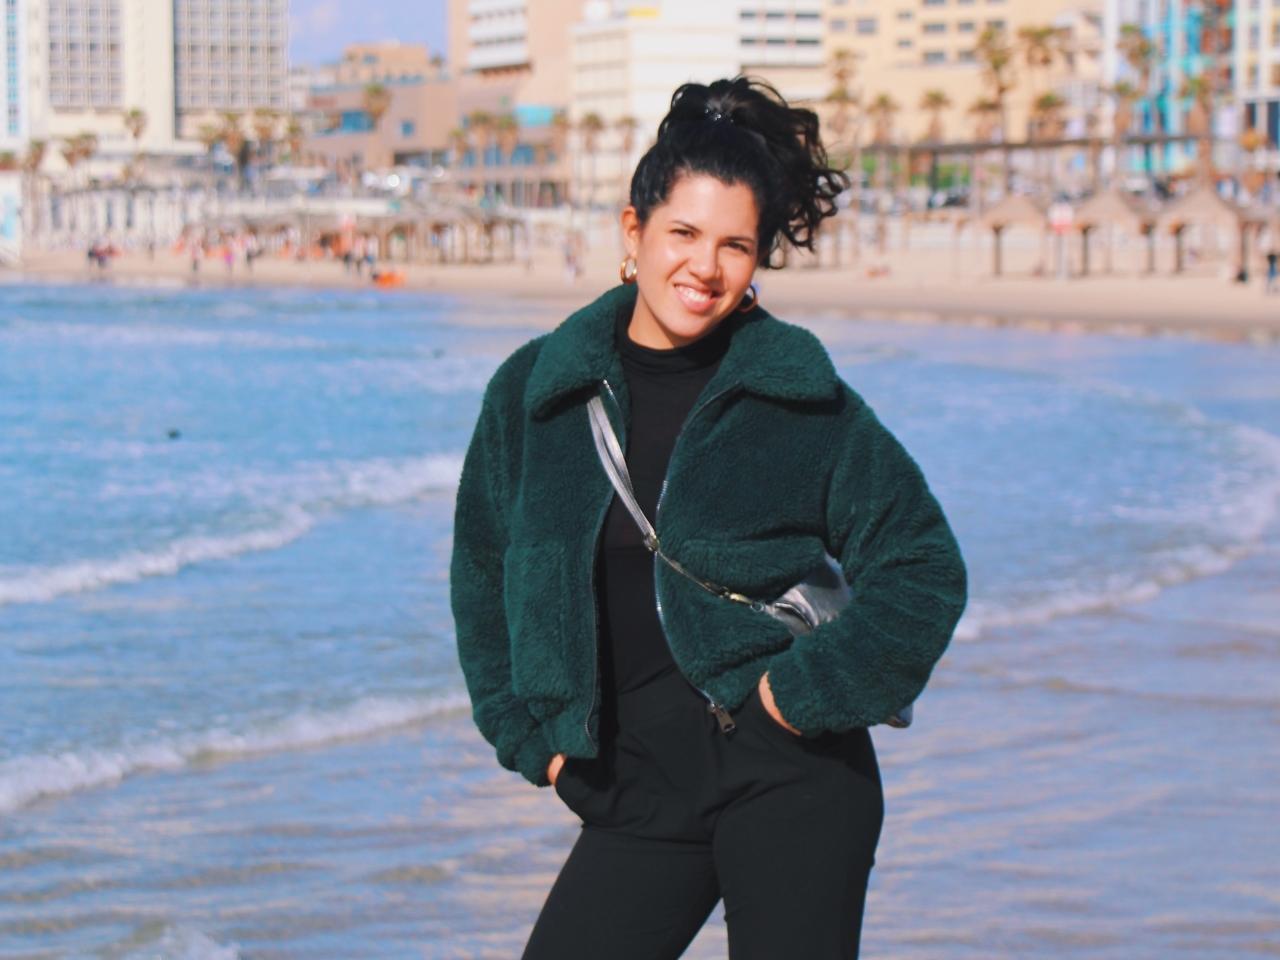 Reiseplanerin Bella unterwegs: Sie reist gerne spontan | Unplanned